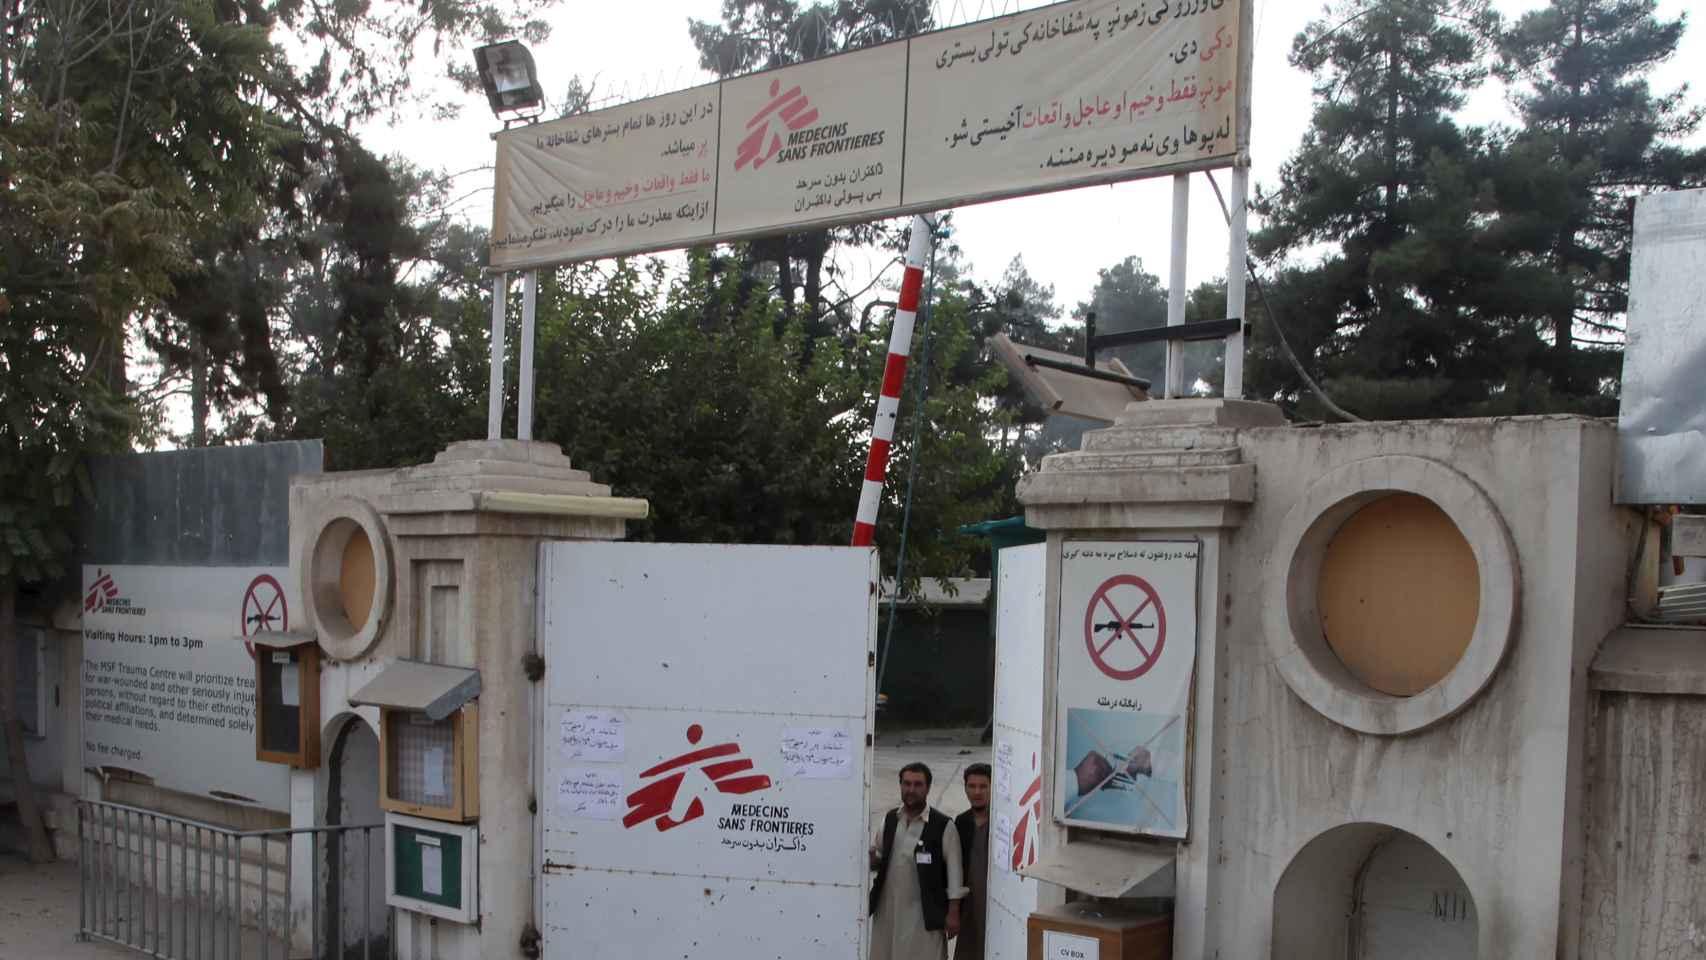 Puerta de acceso del hospital bombardeado.